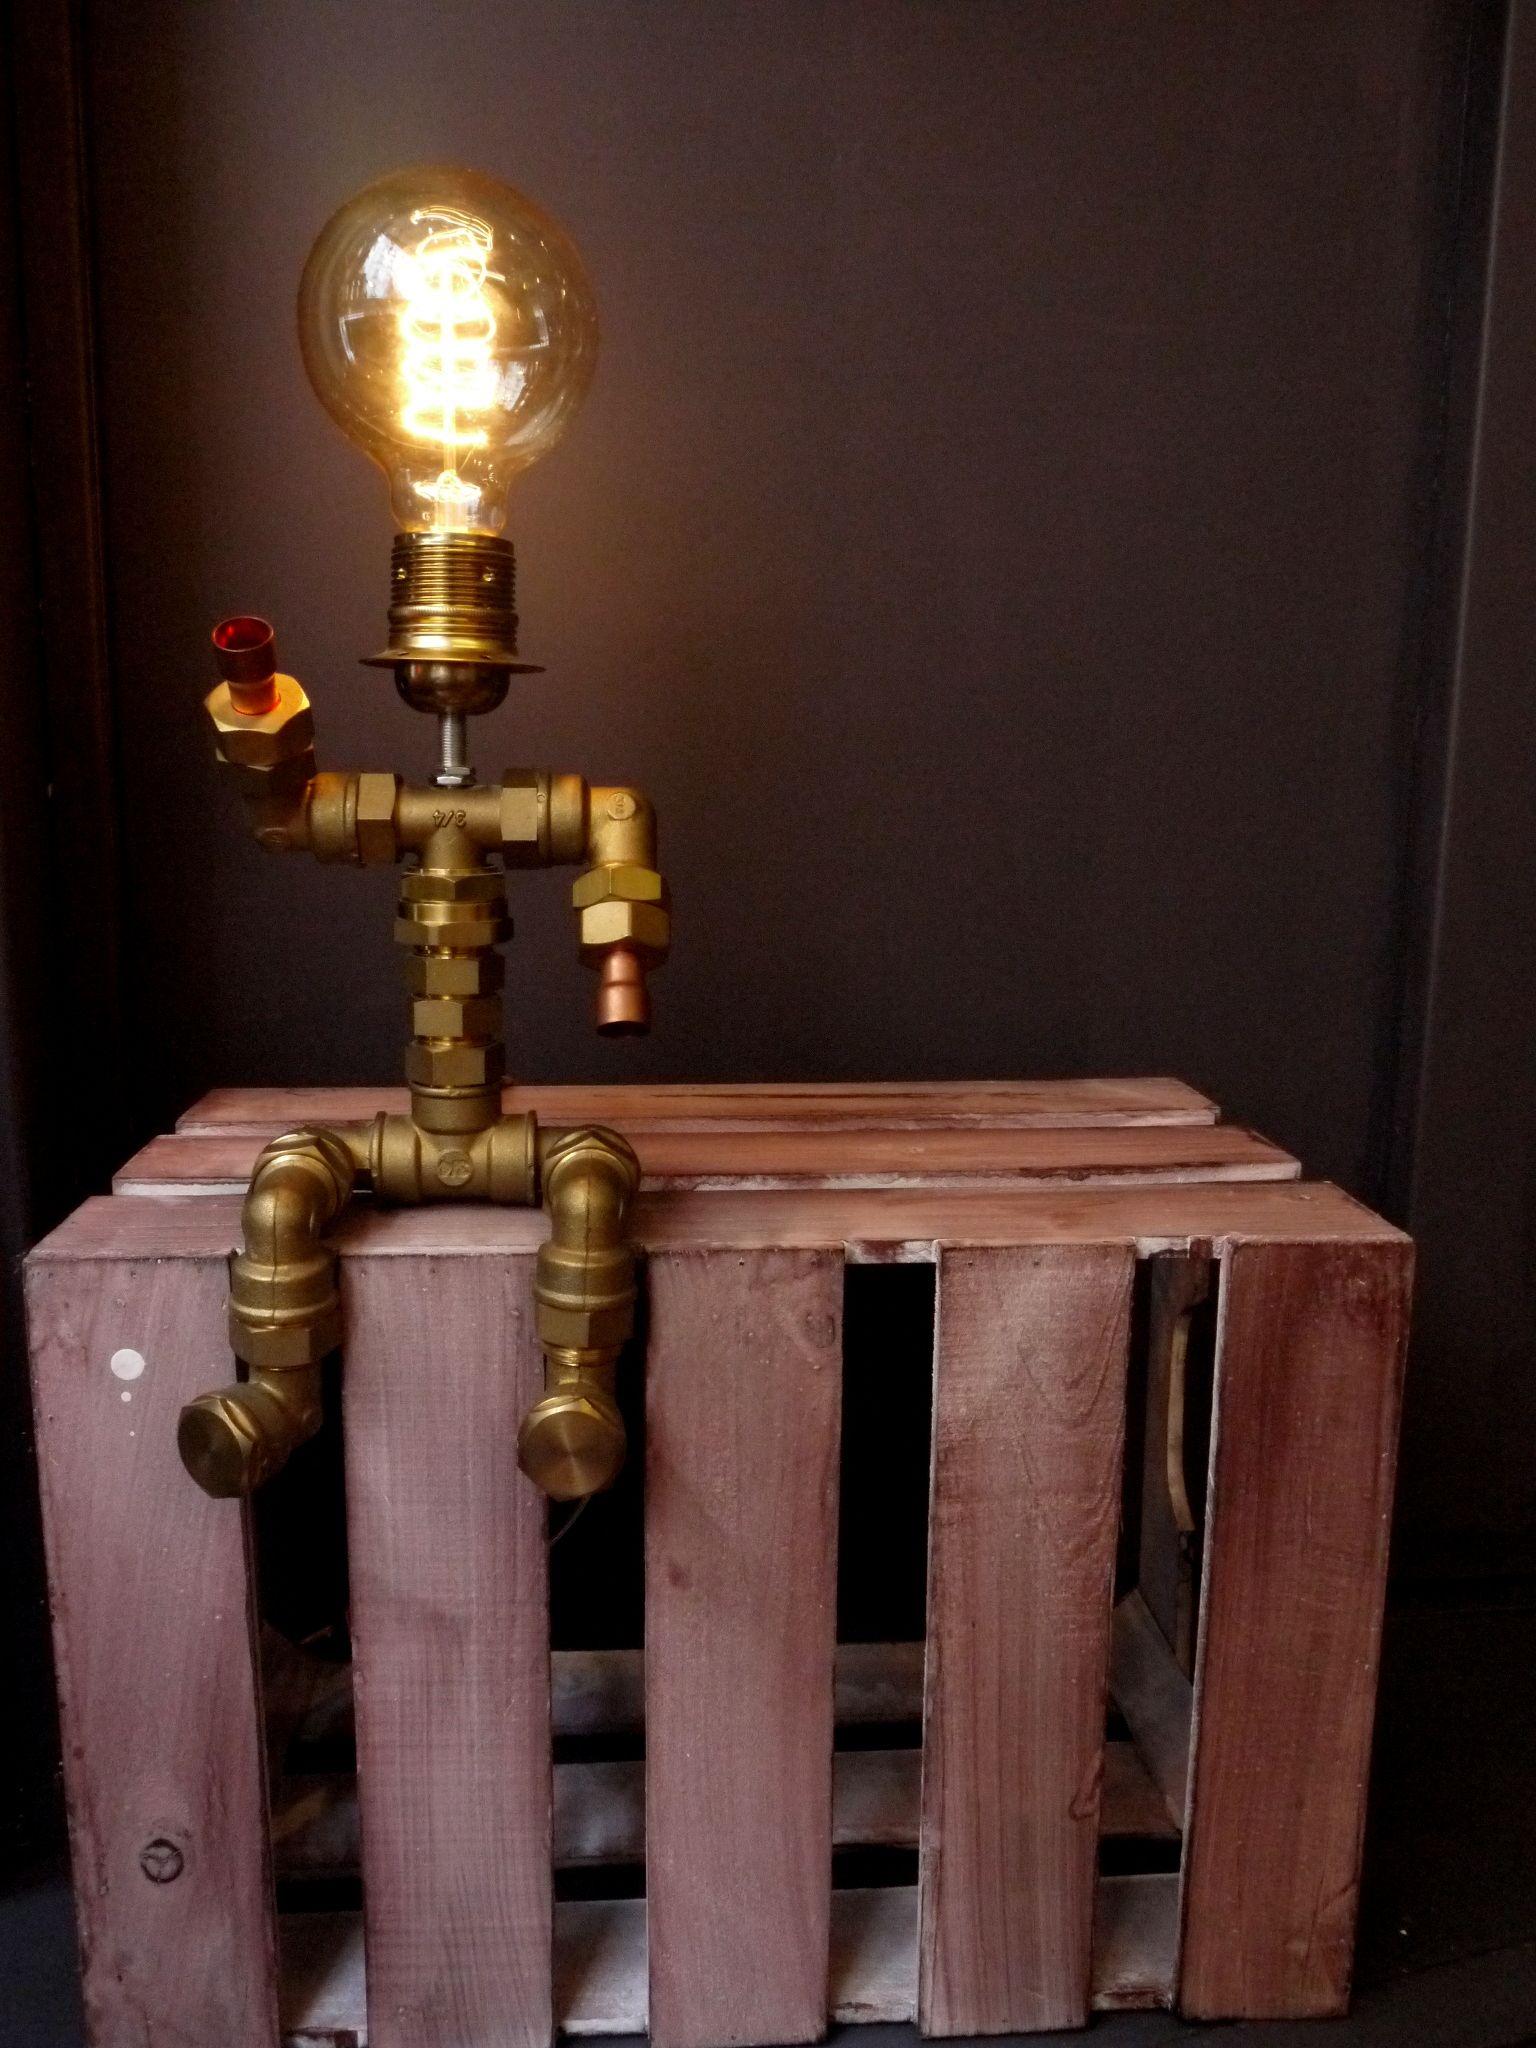 ampoule vintage filaments sur une cr ation le i robot. Black Bedroom Furniture Sets. Home Design Ideas